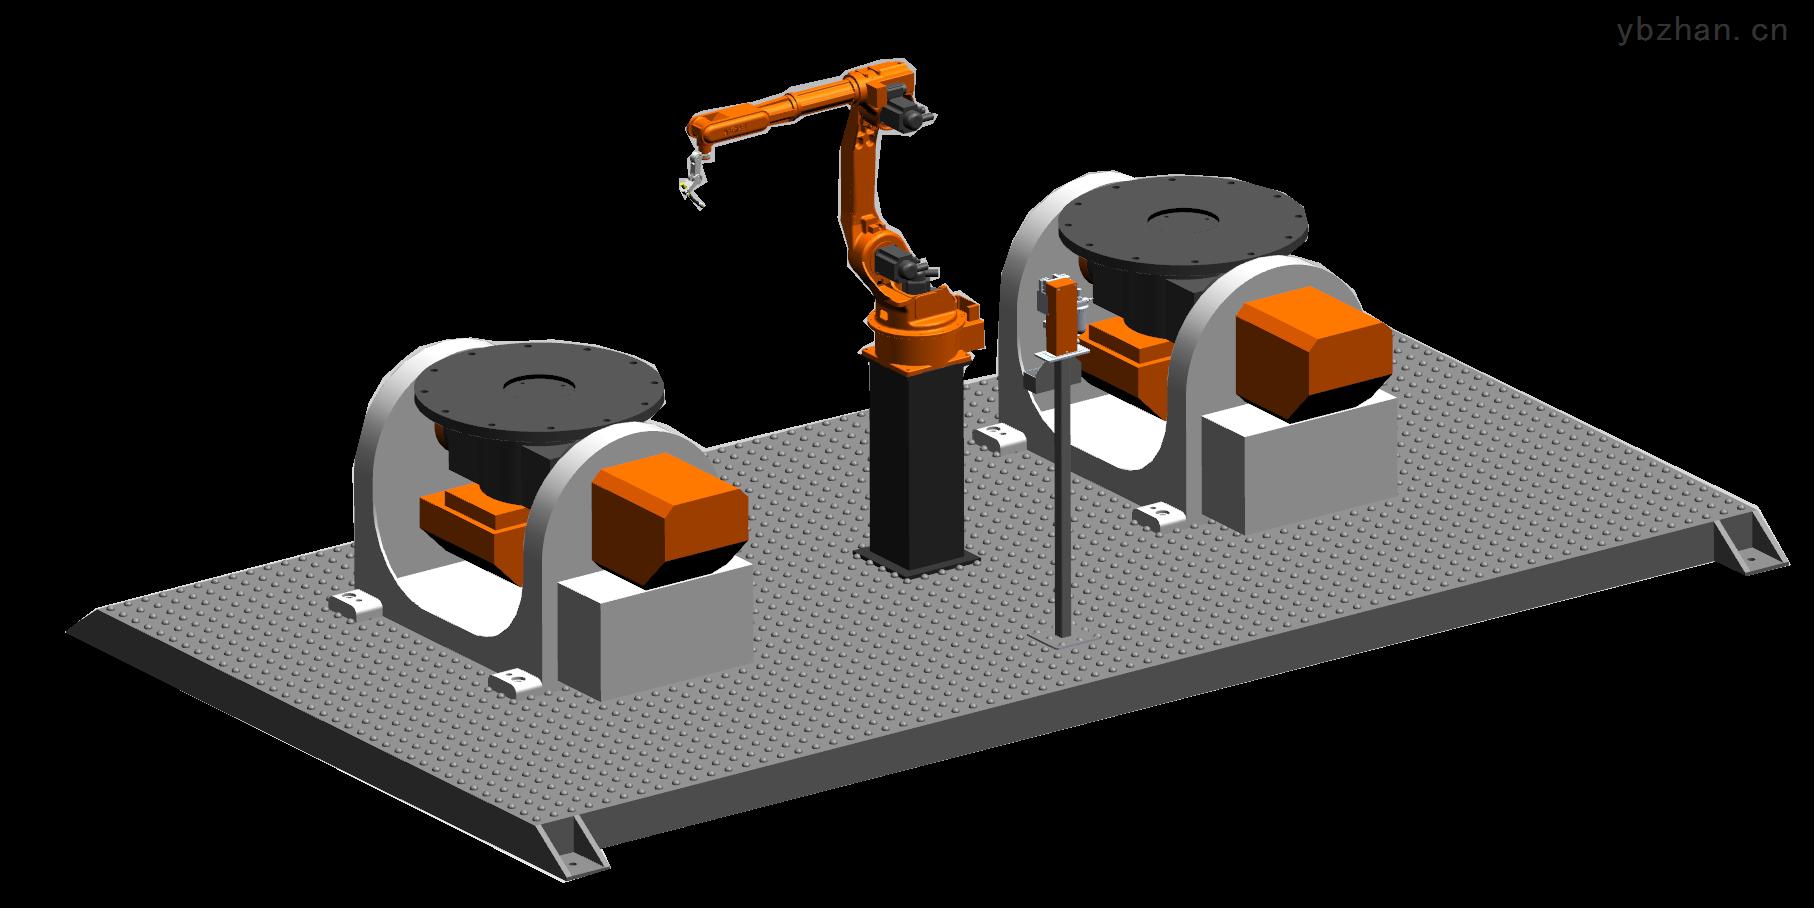 鋼結構自動焊接設備凱沃智造罐裝流水線堆焊設備工業級焊接機器人